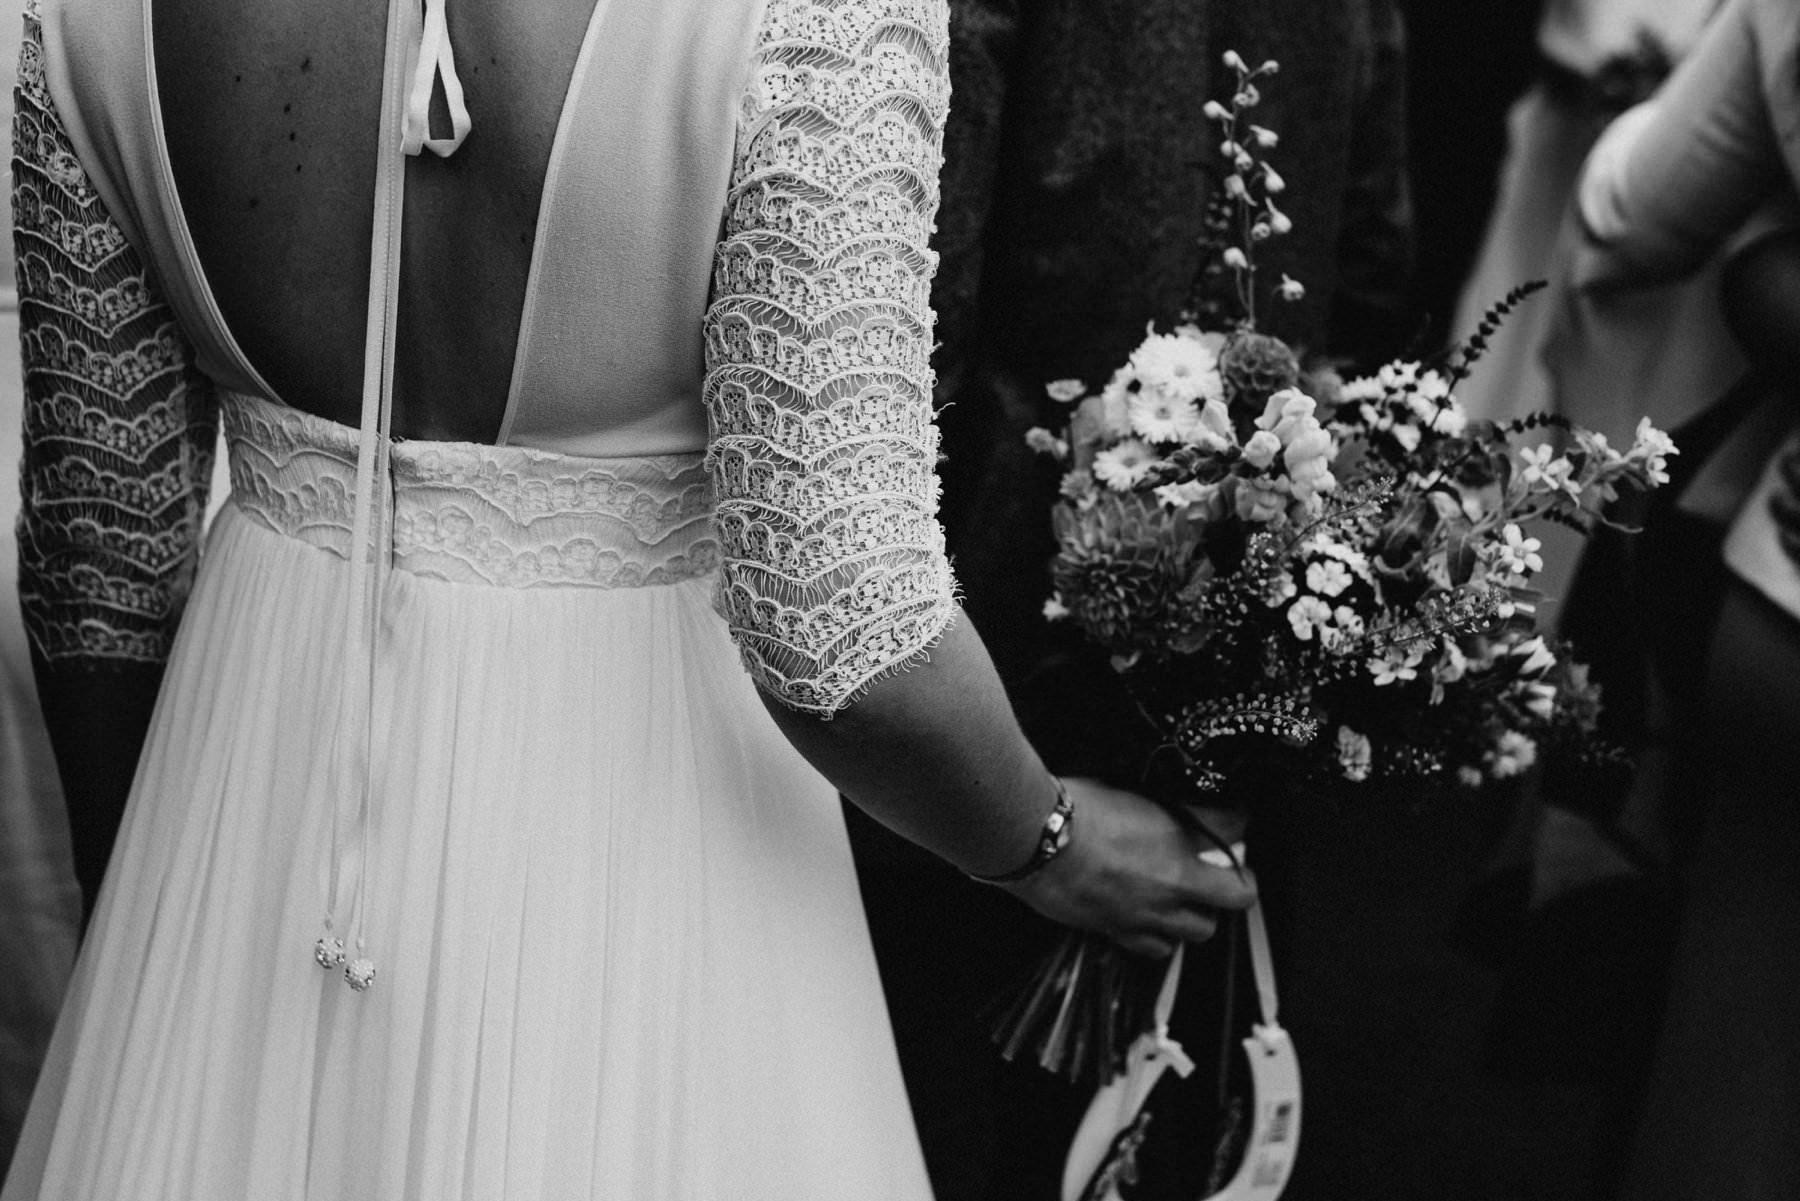 bride holds bouquet